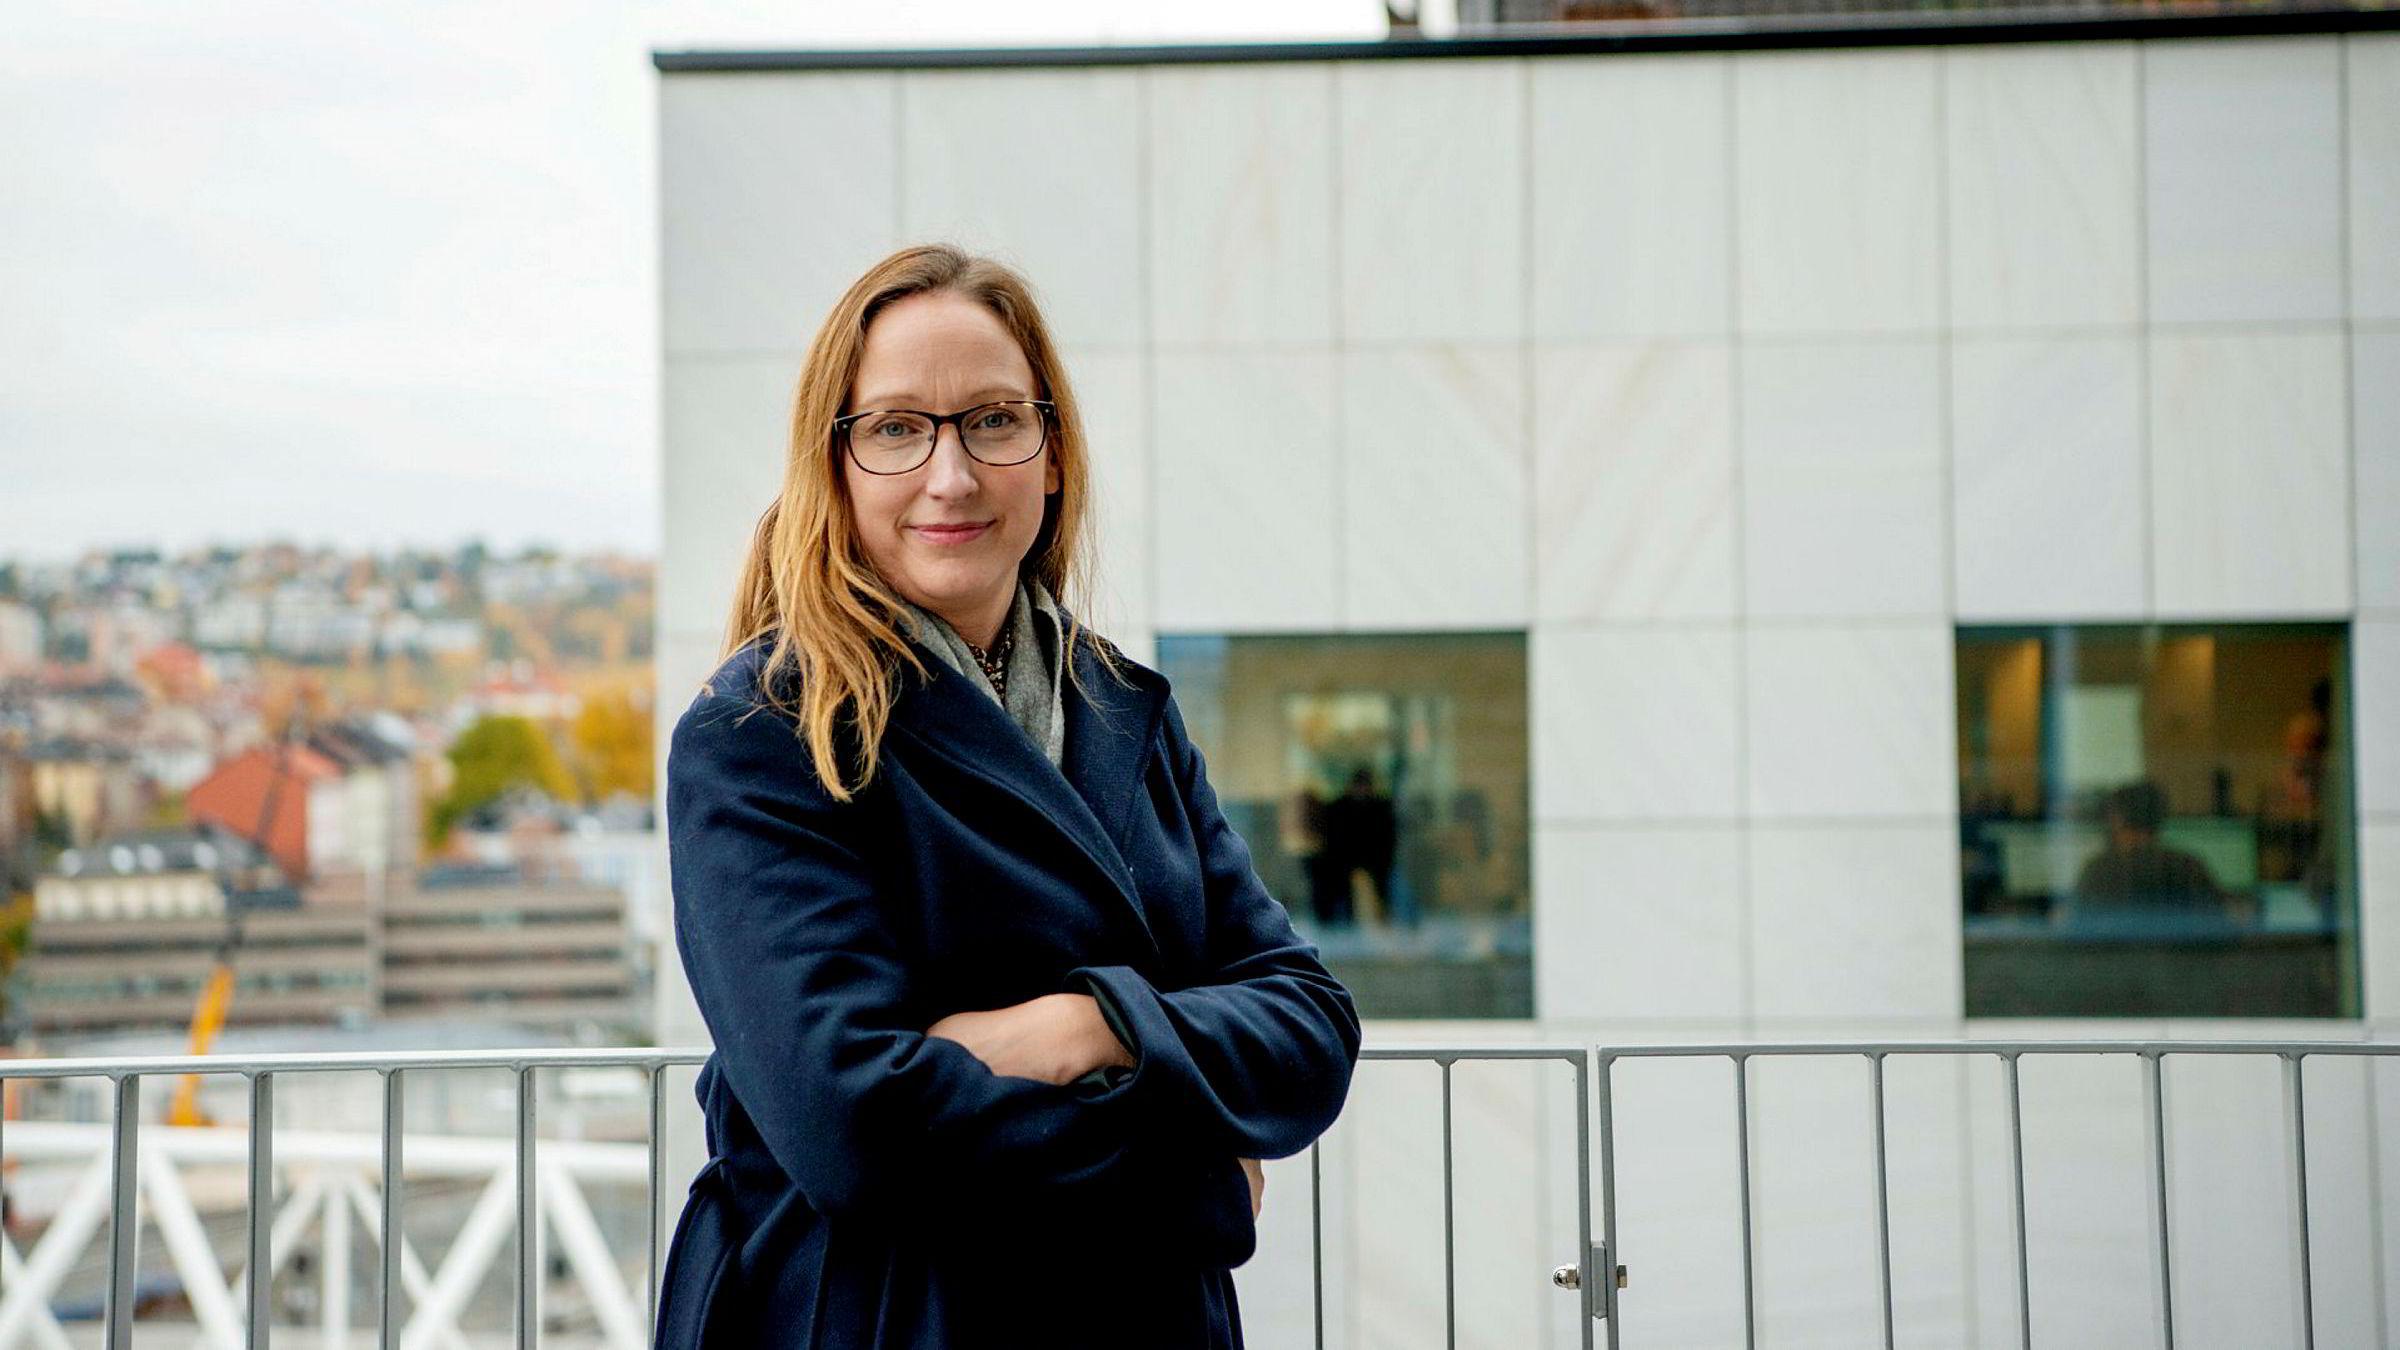 Kjersti Haugland, sjeføkonom i DNB Markets, tror økt sparing vil fortsette å tynge varehandelen i årene fremover.